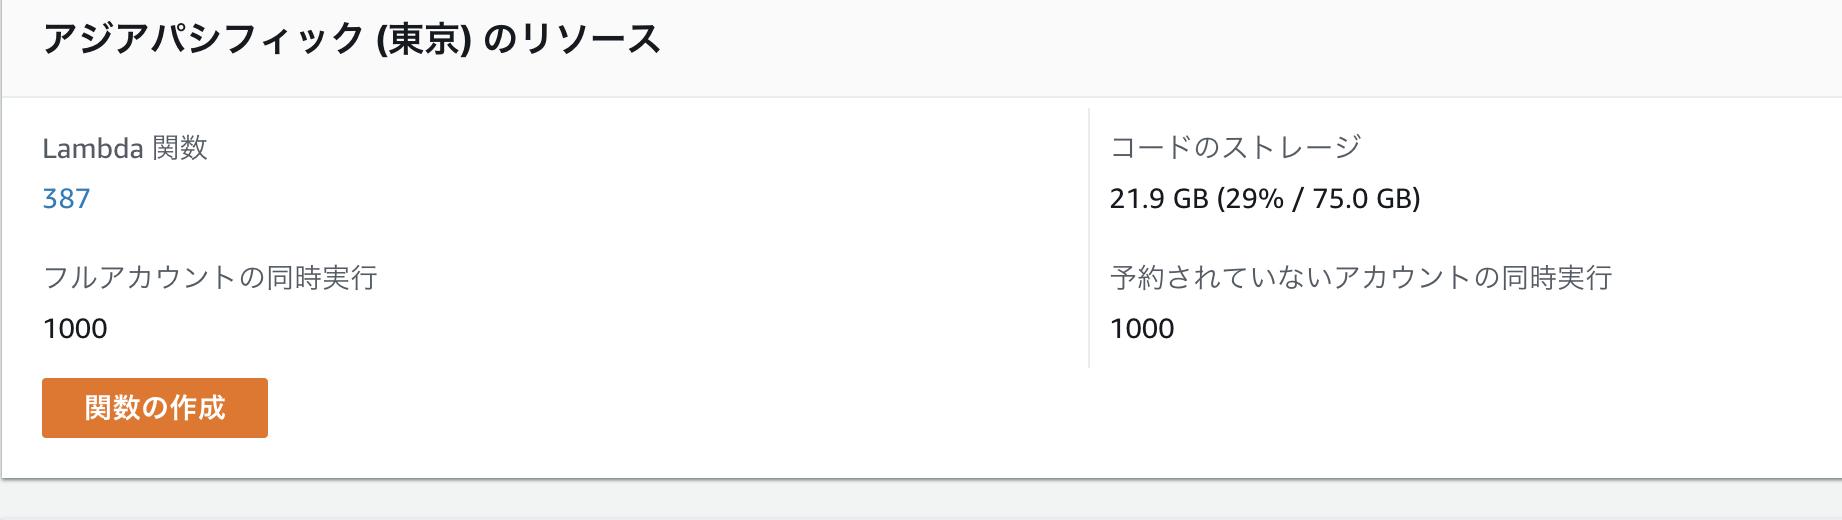 Screen Shot 2018-11-04 at 20.39.18.png